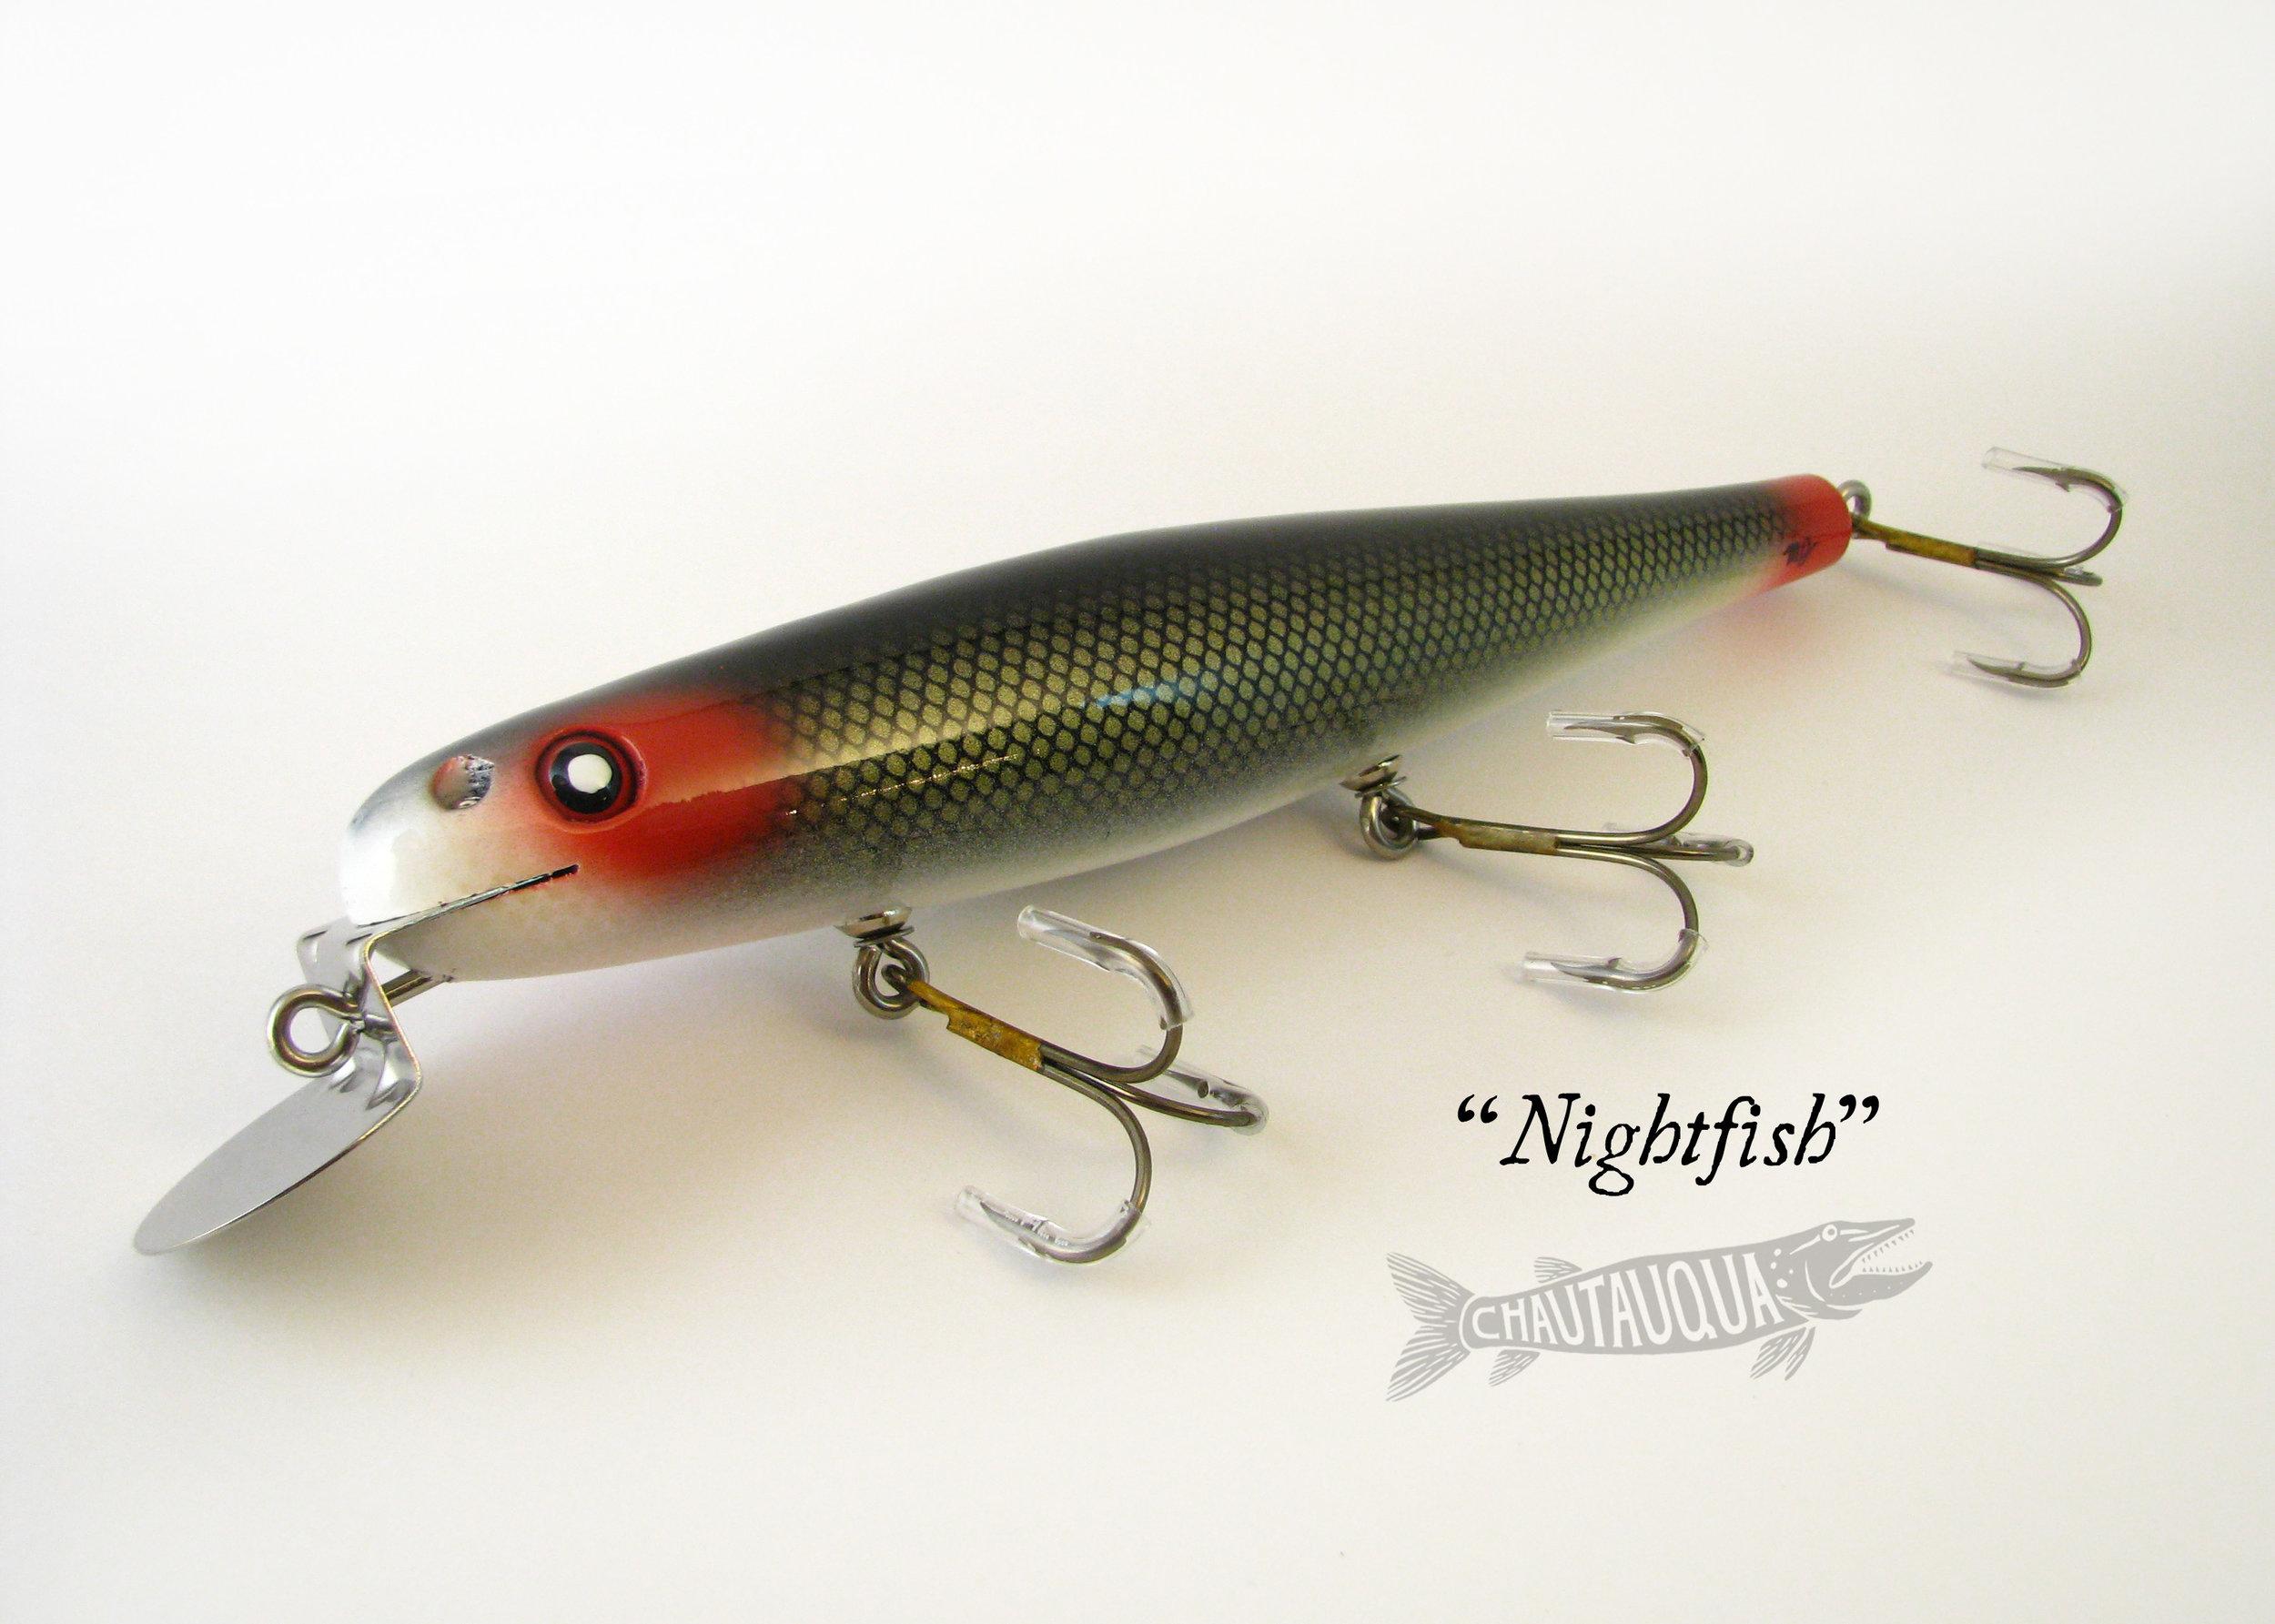 Nightfish_SBCM.jpg